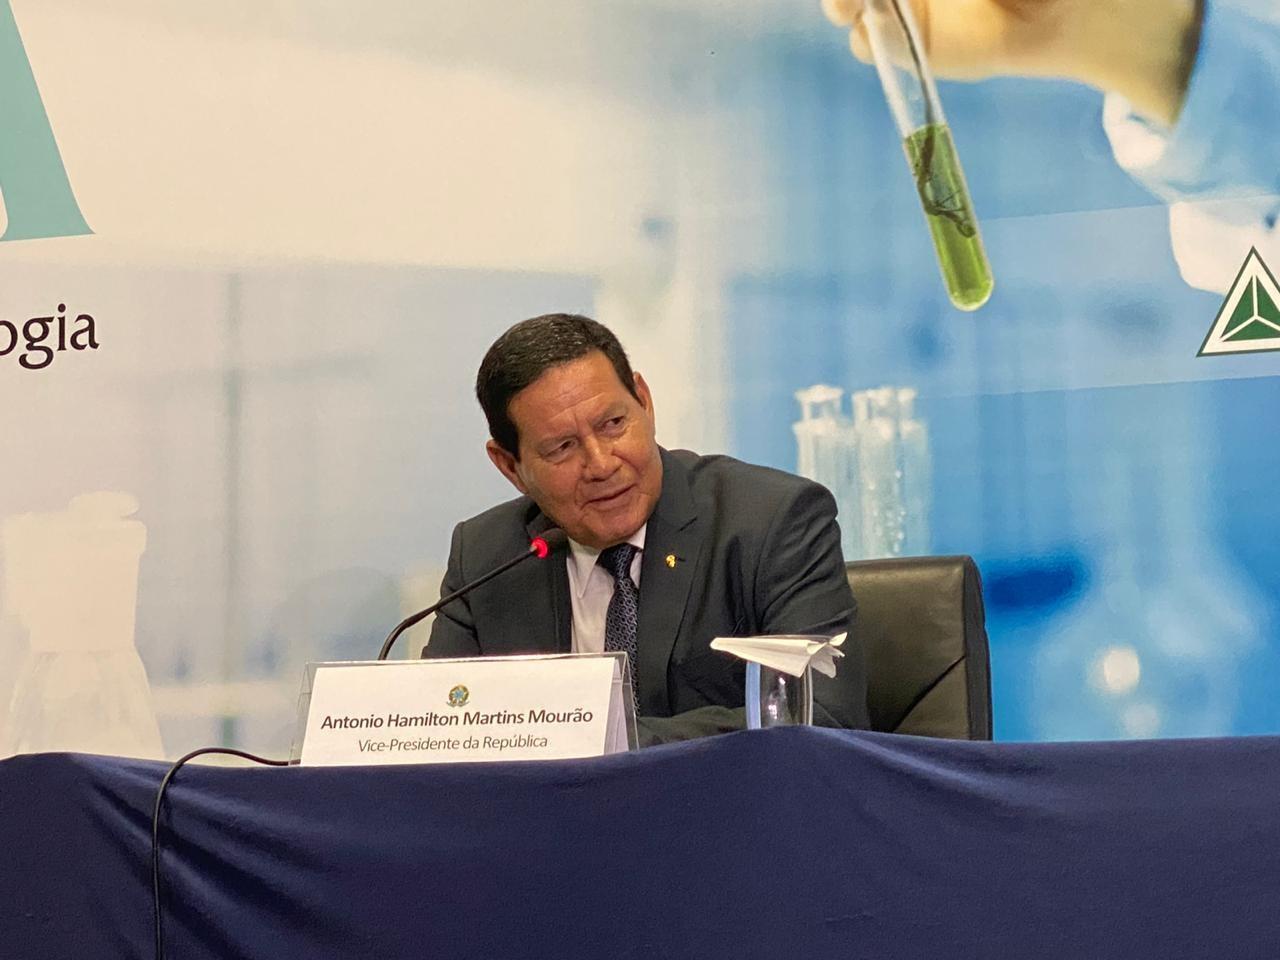 Vice-presidente Mourão visita Centro de Biotecnologia em Manaus